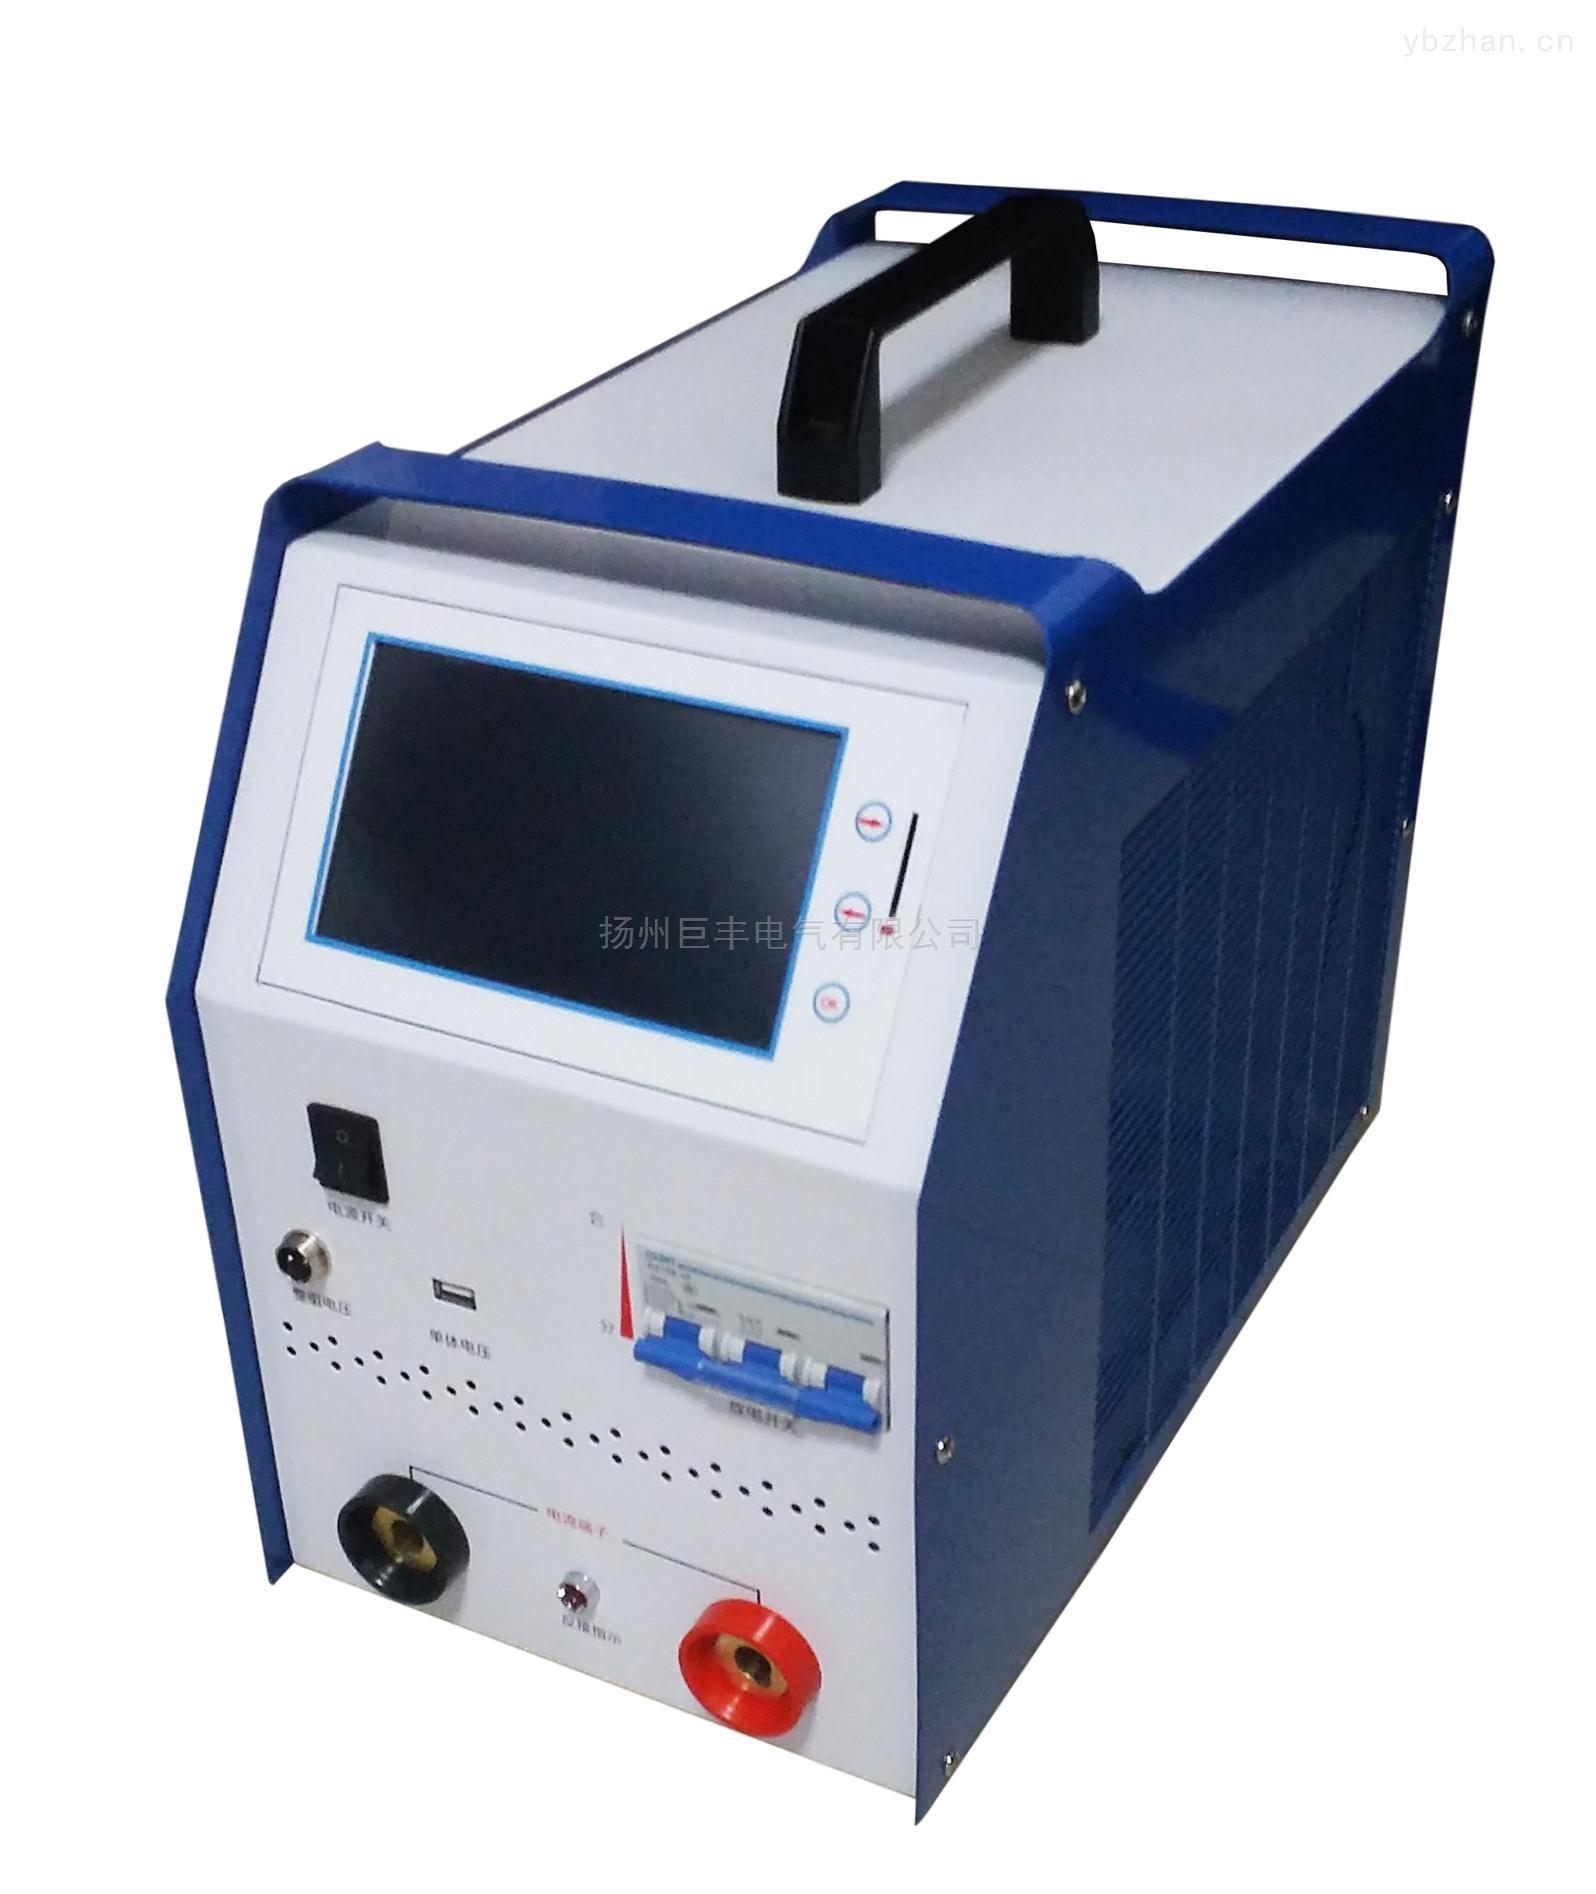 蓄電池測試儀全在線放電分析儀價格